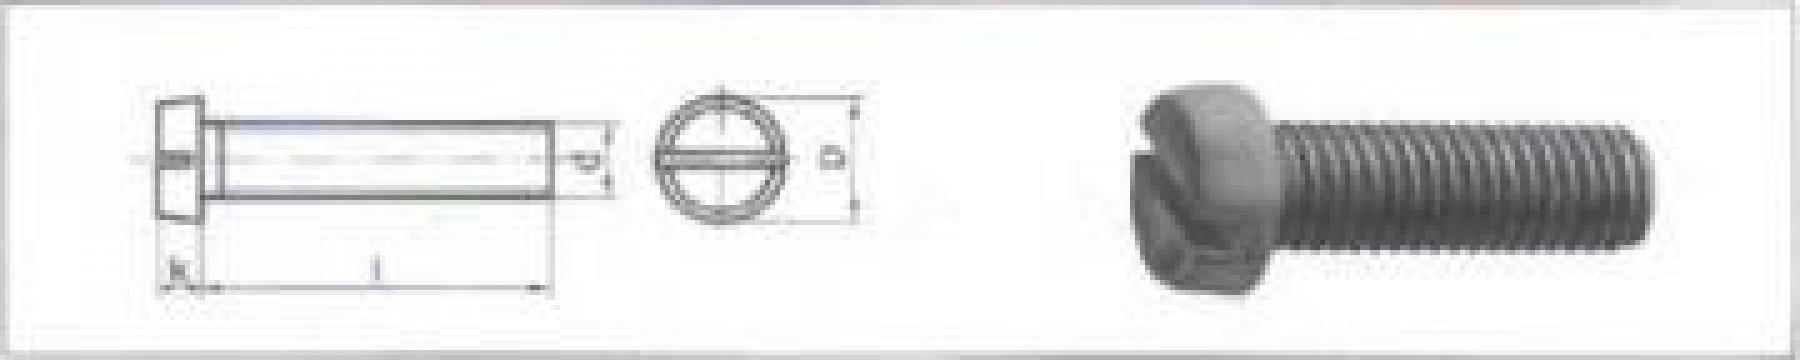 Surub inox cu cap cilindric crestat/ scund/ locas hexagonal de la MRG Stainless Group Srl